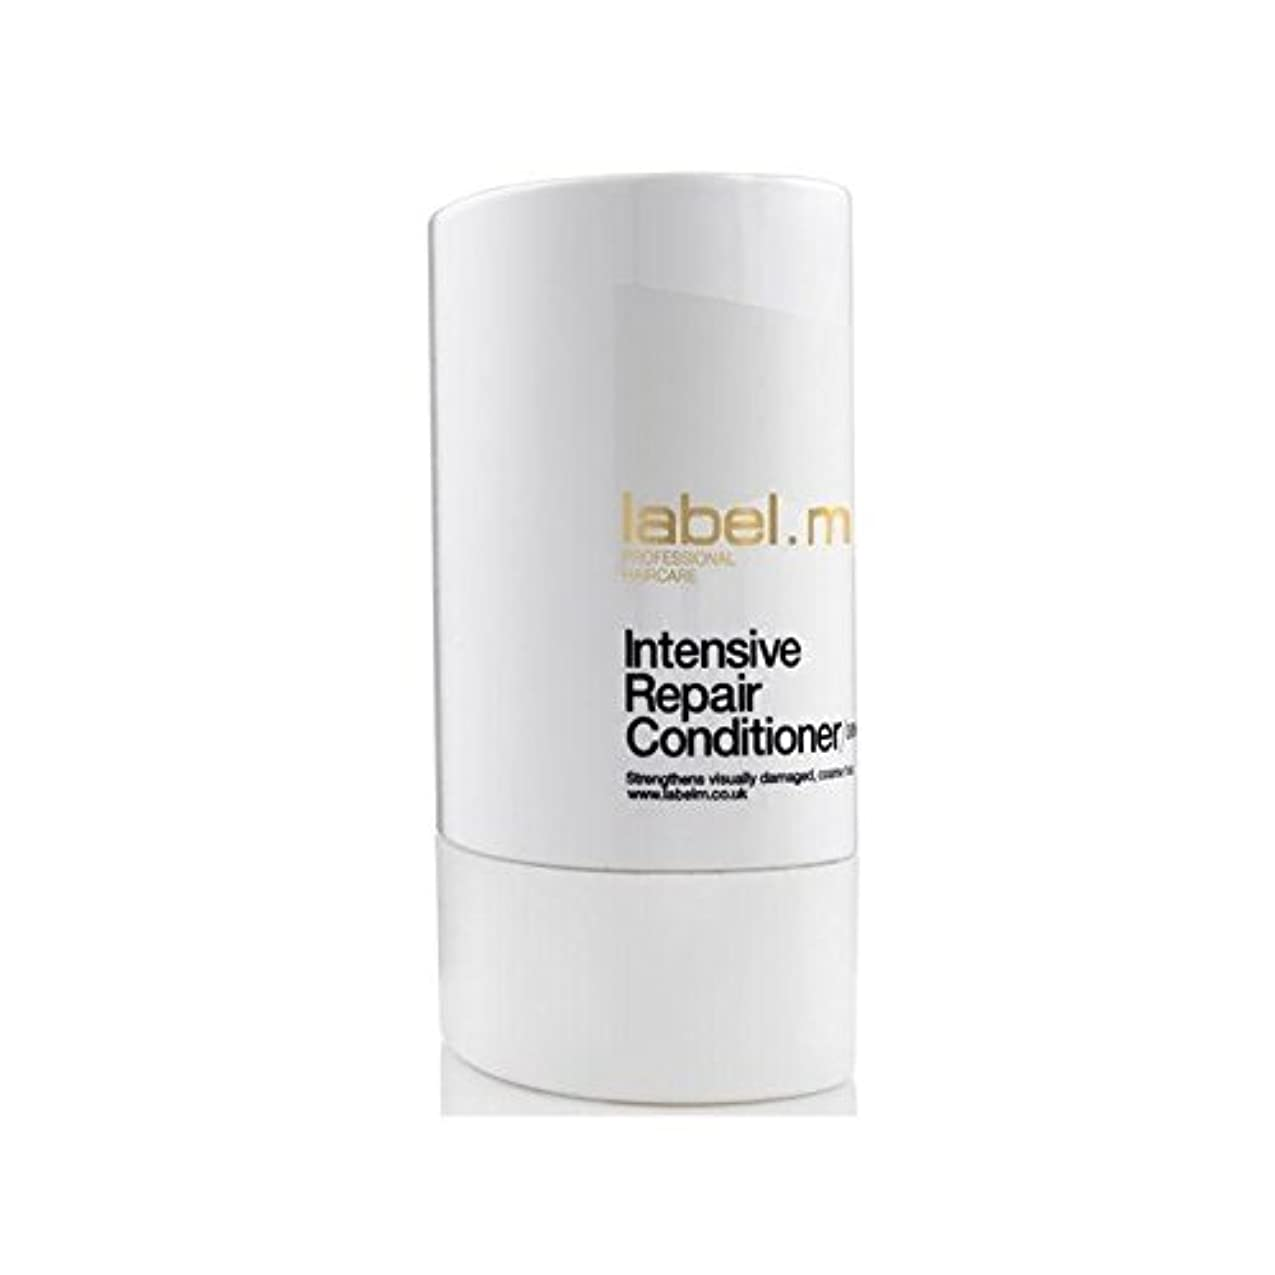 閃光アベニュー迷信Label.M Intensive Repair Conditioner (300ml) - .の集中リペアコンディショナー(300ミリリットル) [並行輸入品]